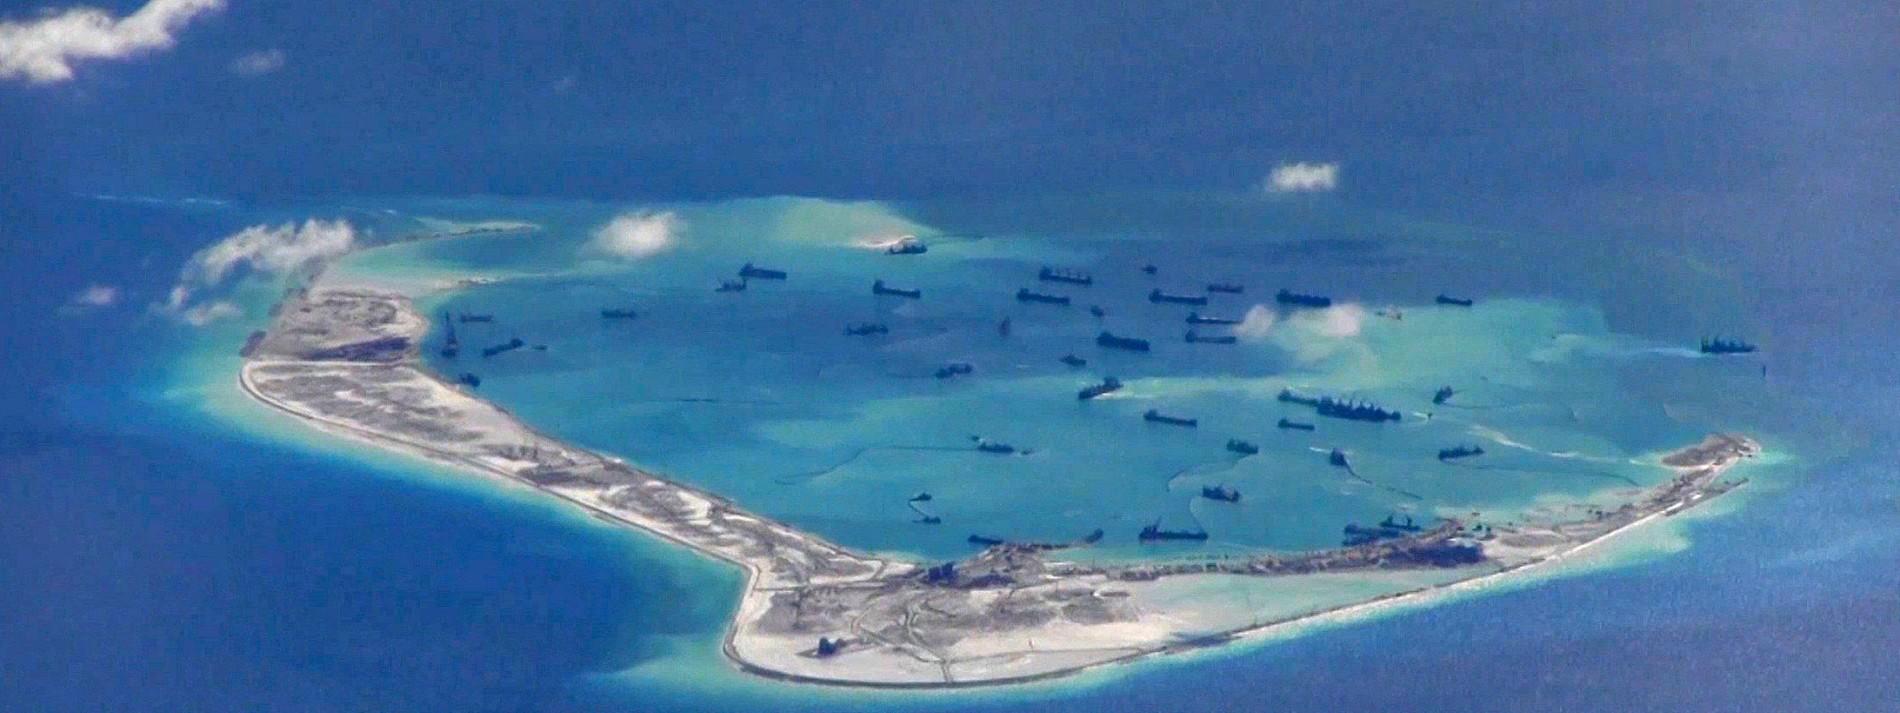 Indien versucht China die Grenzen aufzuzeigen